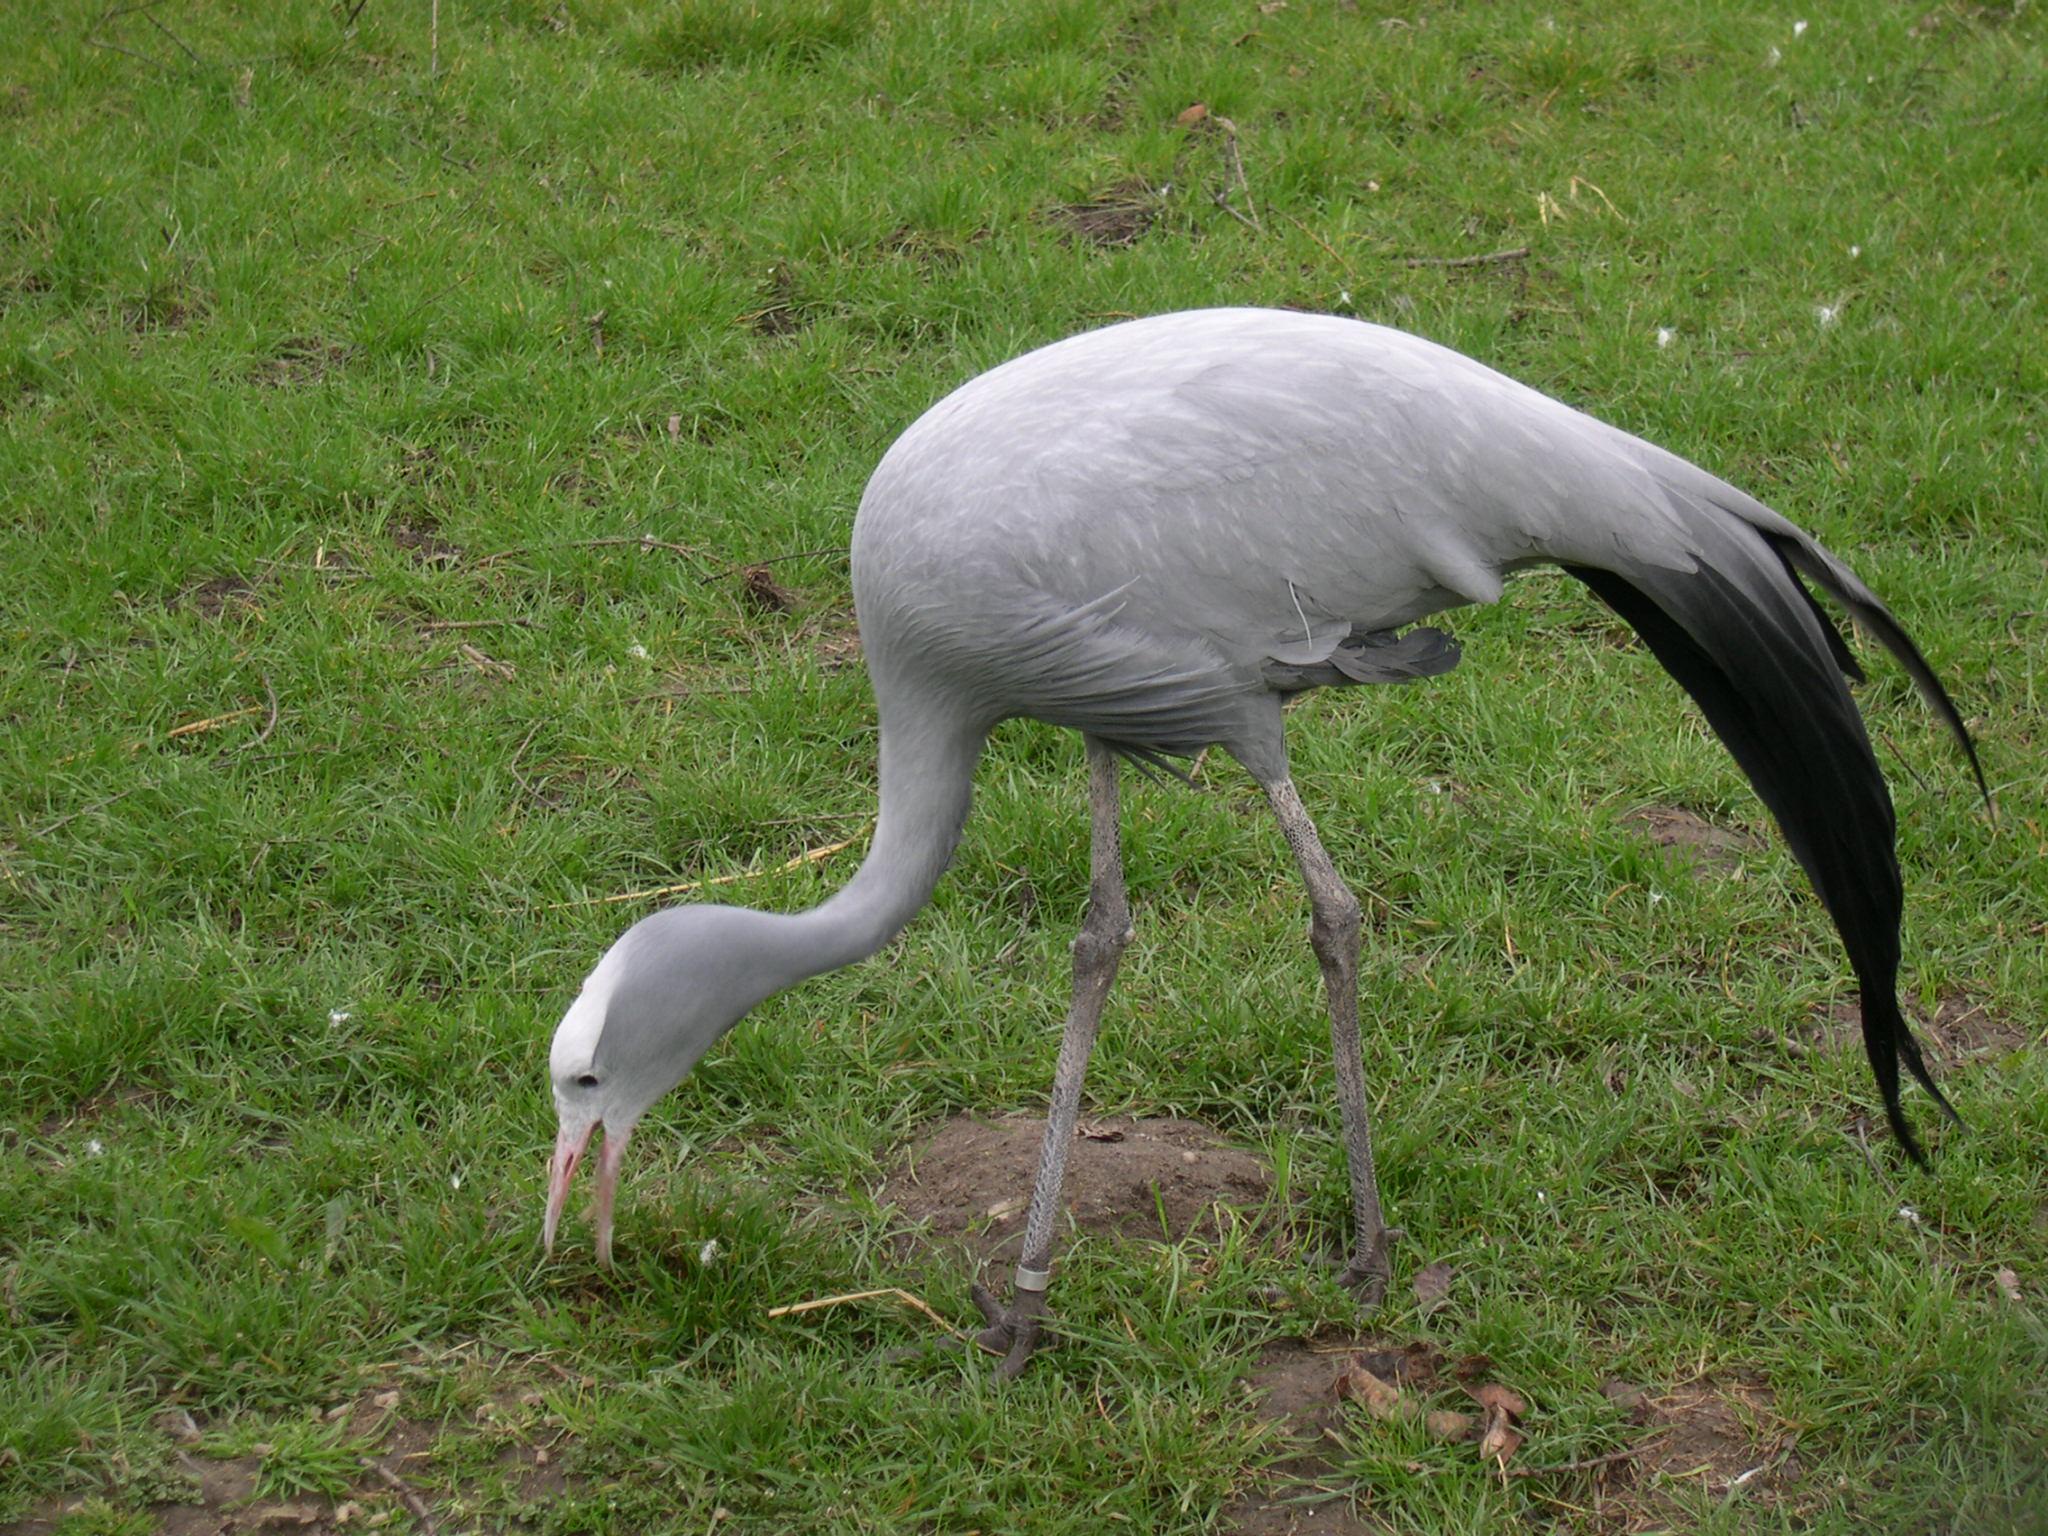 Blue crane (Anthropoides paradisea) feeding in Diergaarde Blijdorp (Rotterdam Zoo)